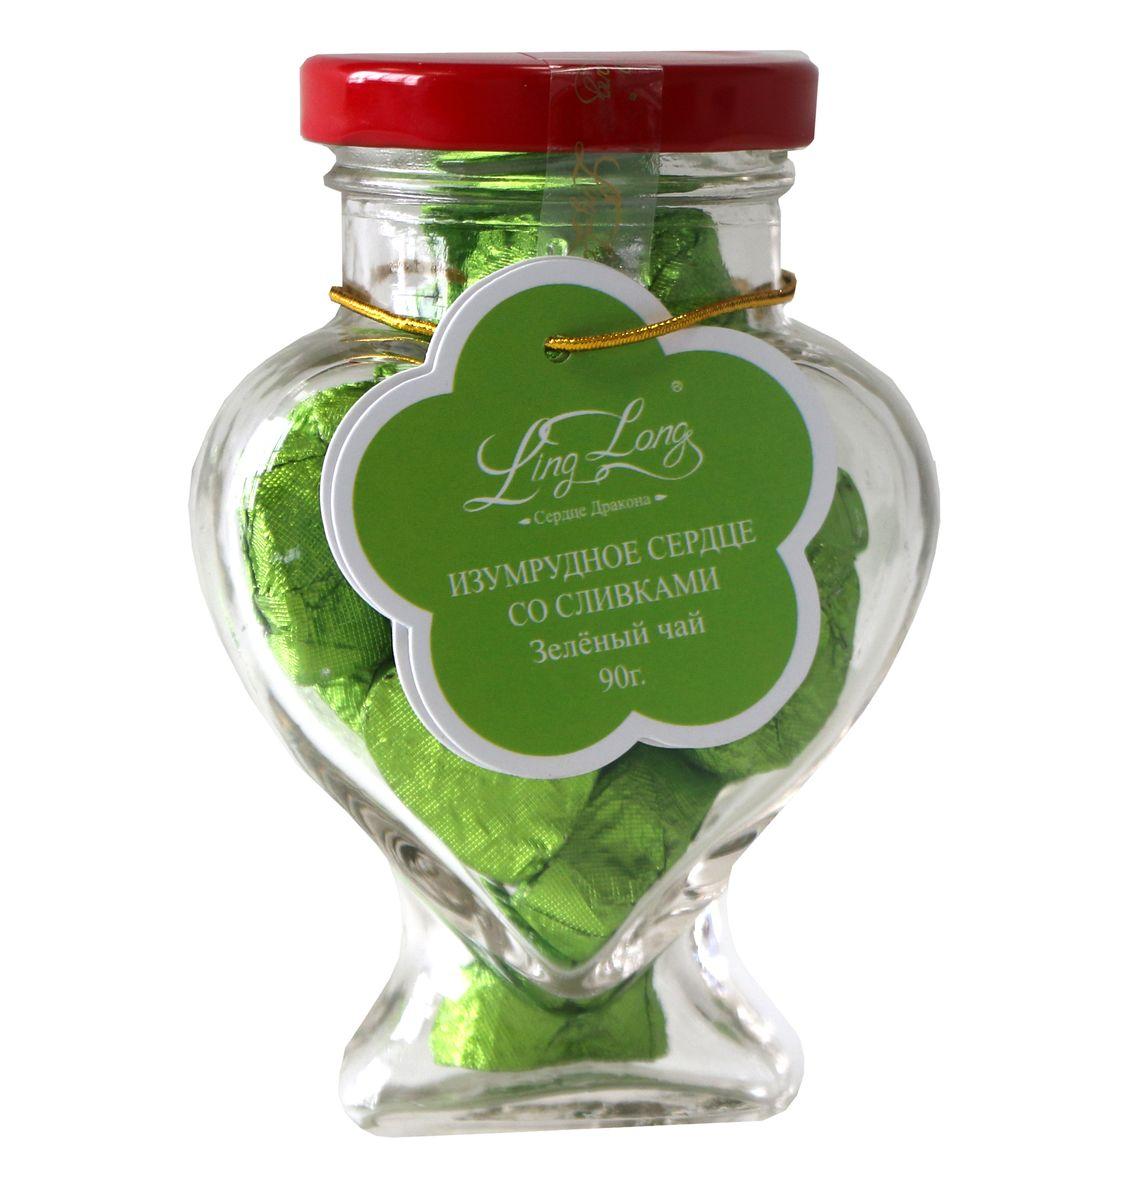 Ling Long Изумрудное сердце со сливками зеленый листовой чай, 90 г (стеклянная банка)LL502Чай зеленый байховый китайский крупнолистовой Ling Long Изумрудное сердце с ароматом сливок. Спрессован в форме сердечек. Такой чай станет отличным подарком друзьям или близким.